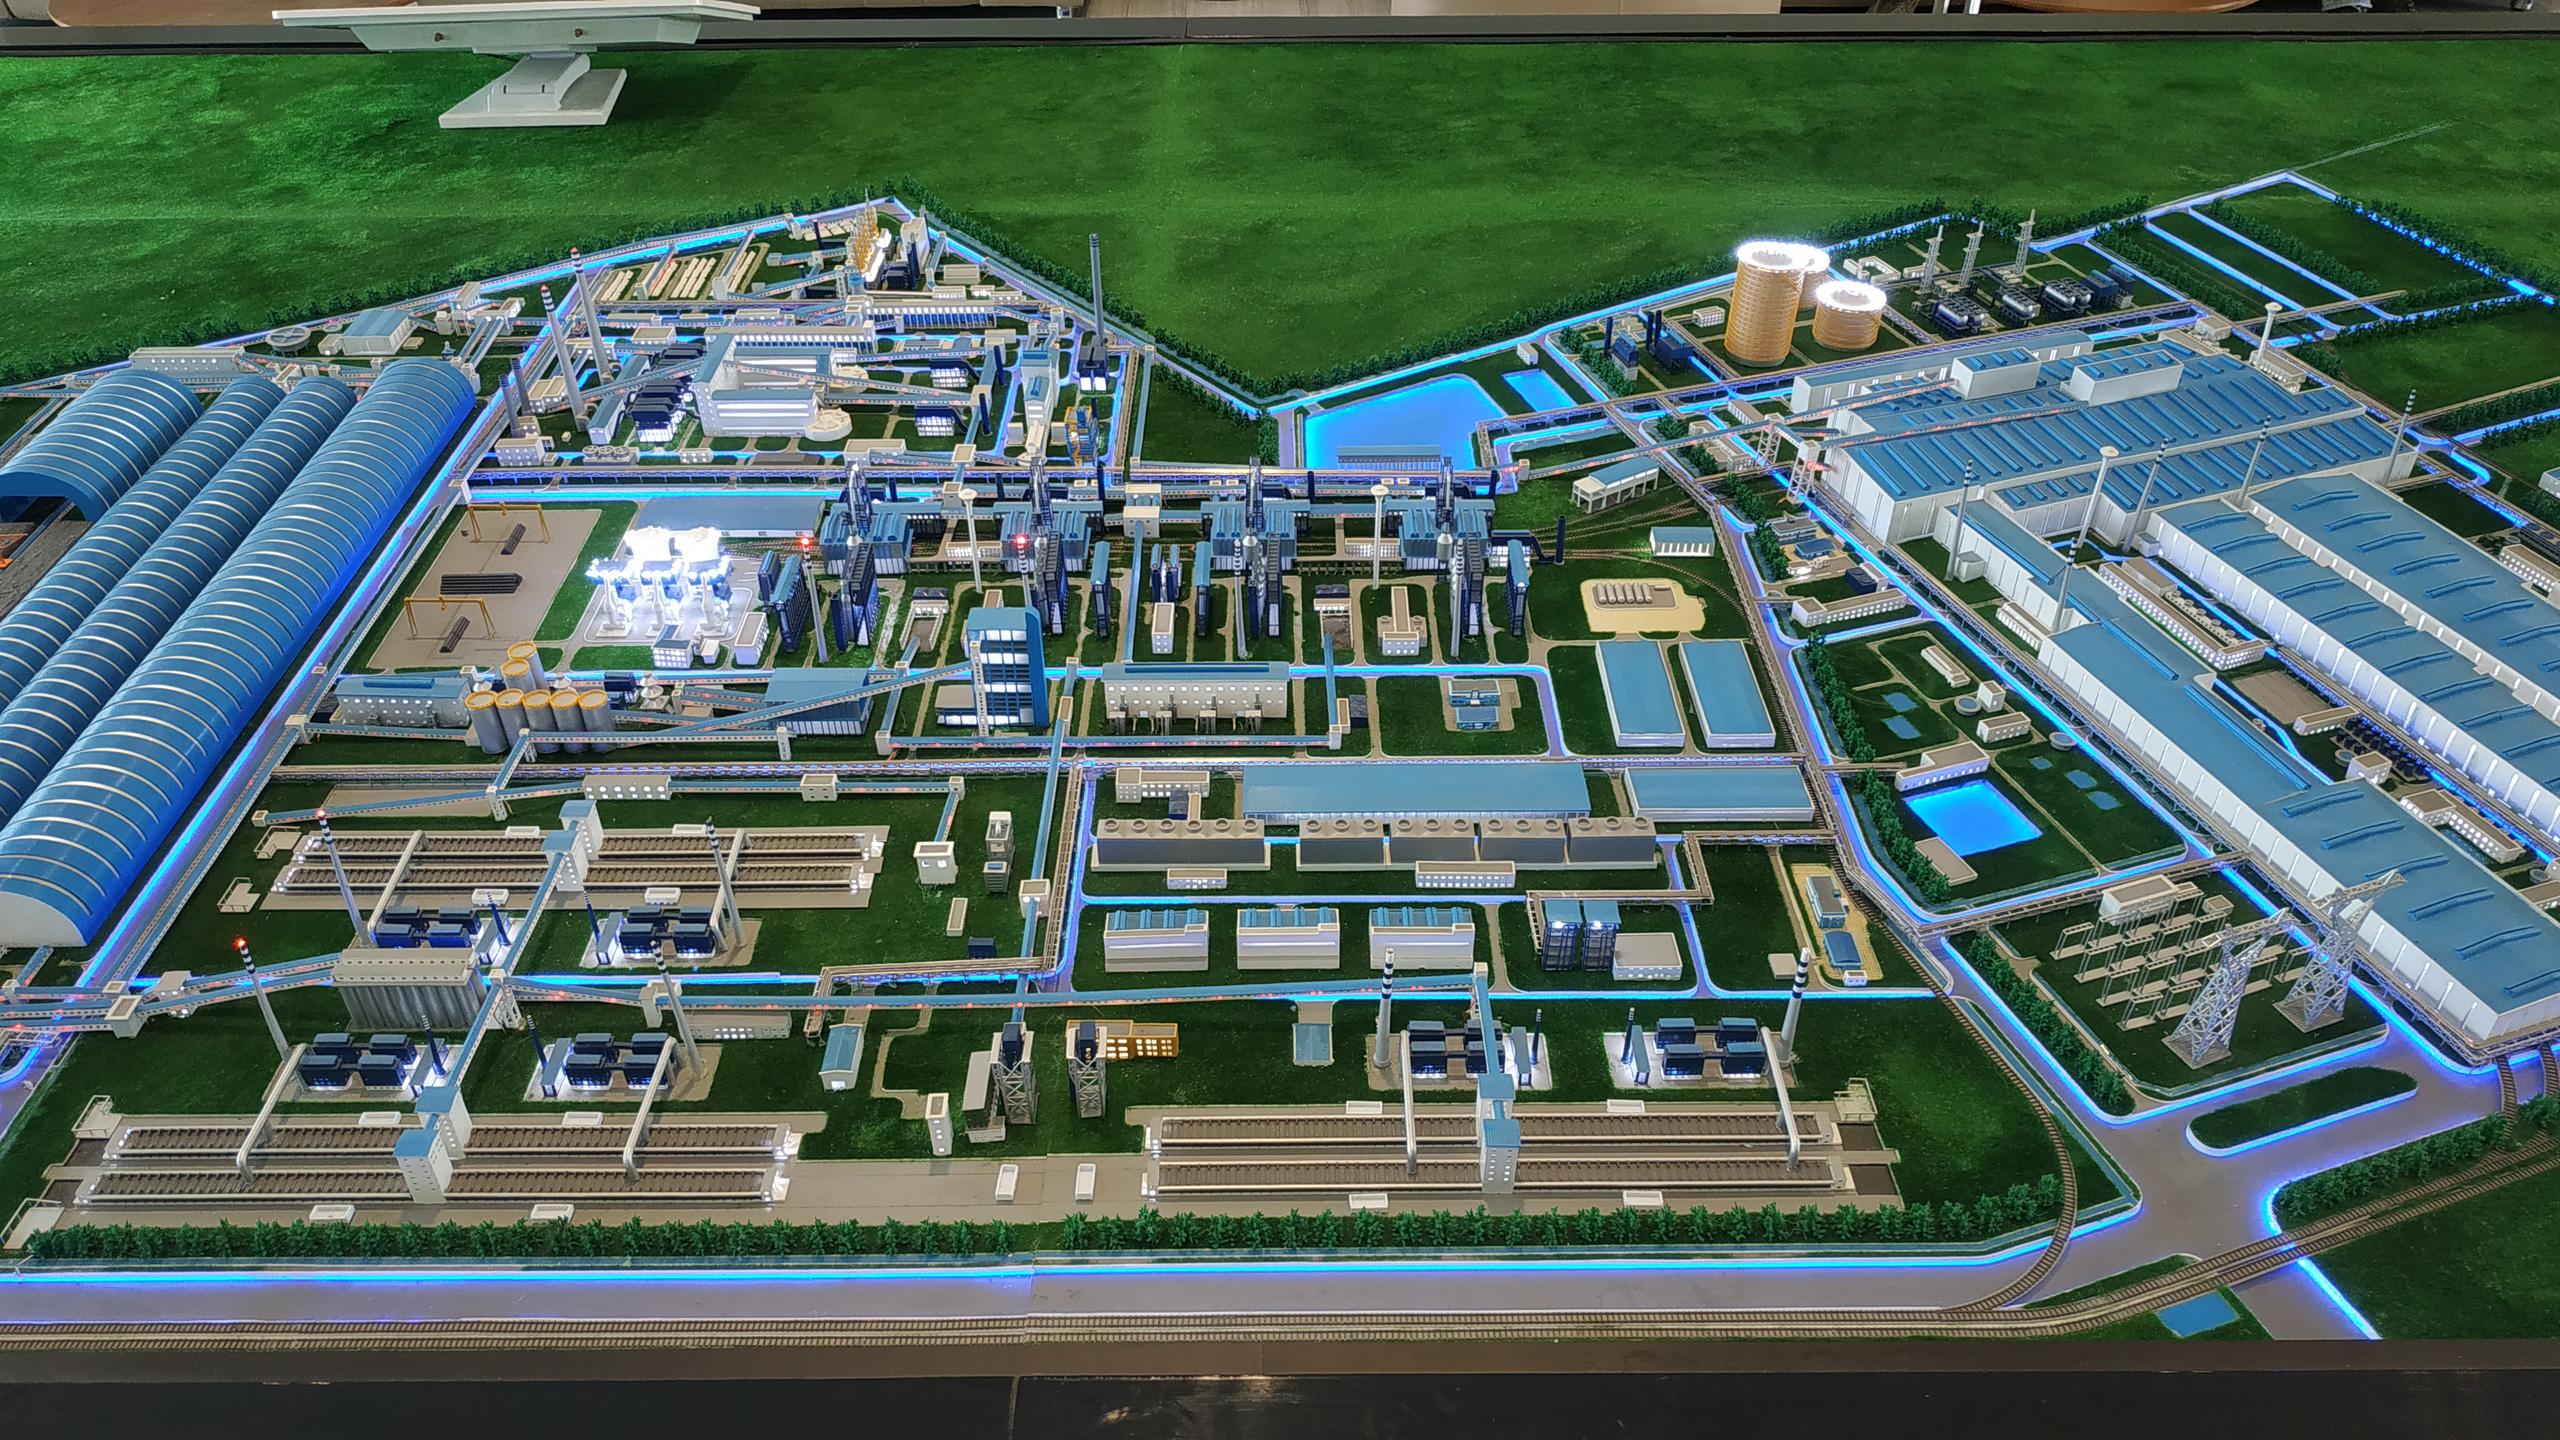 Dự án 85.000 tỷ của Hòa Phát: Quảng Ngãi xem xét cấp chủ trương đầu tư trước 20/6 - Ảnh 1.